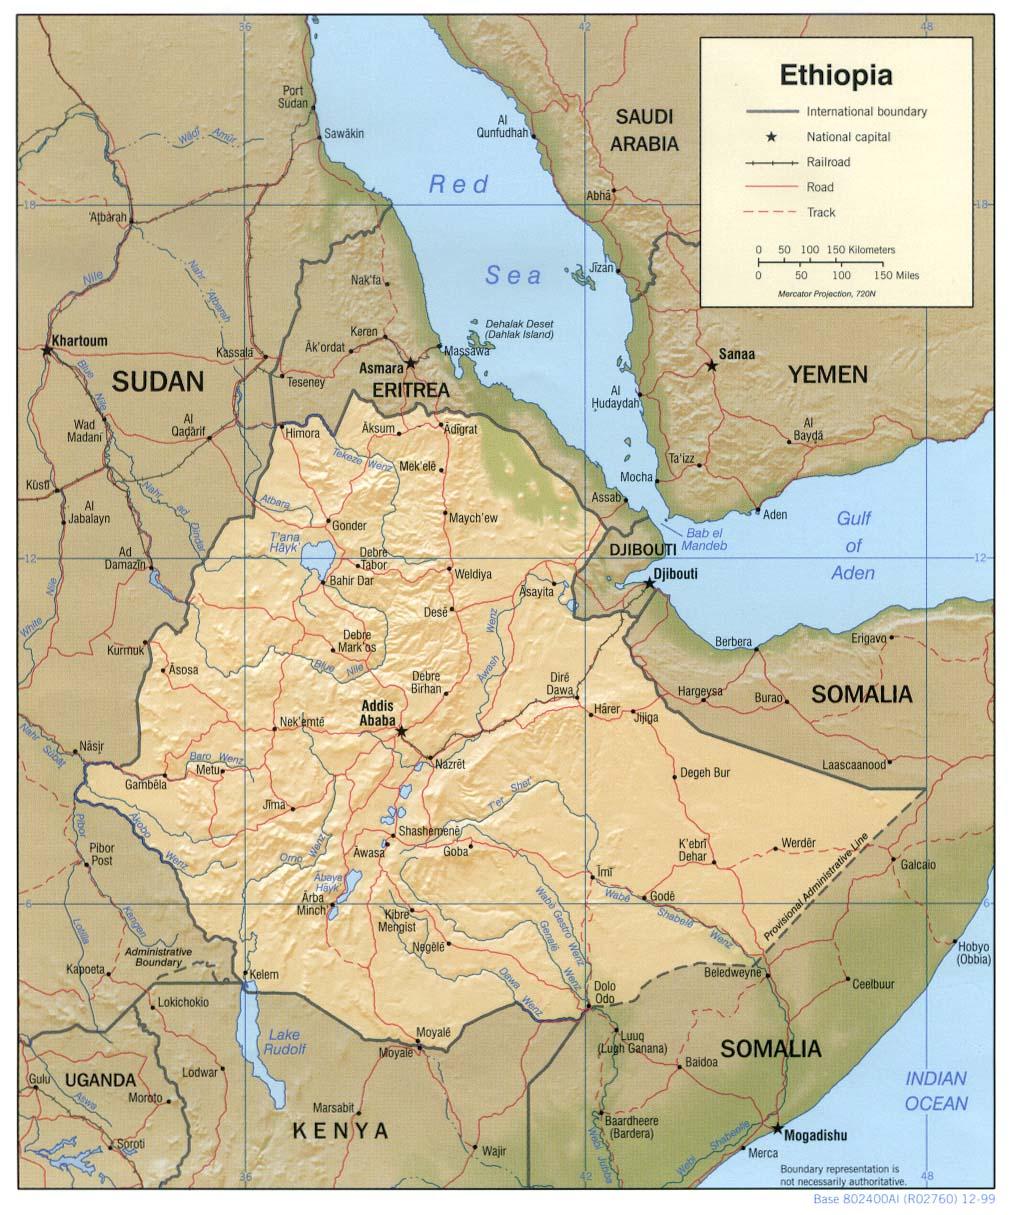 Free Ethiopia Maps on